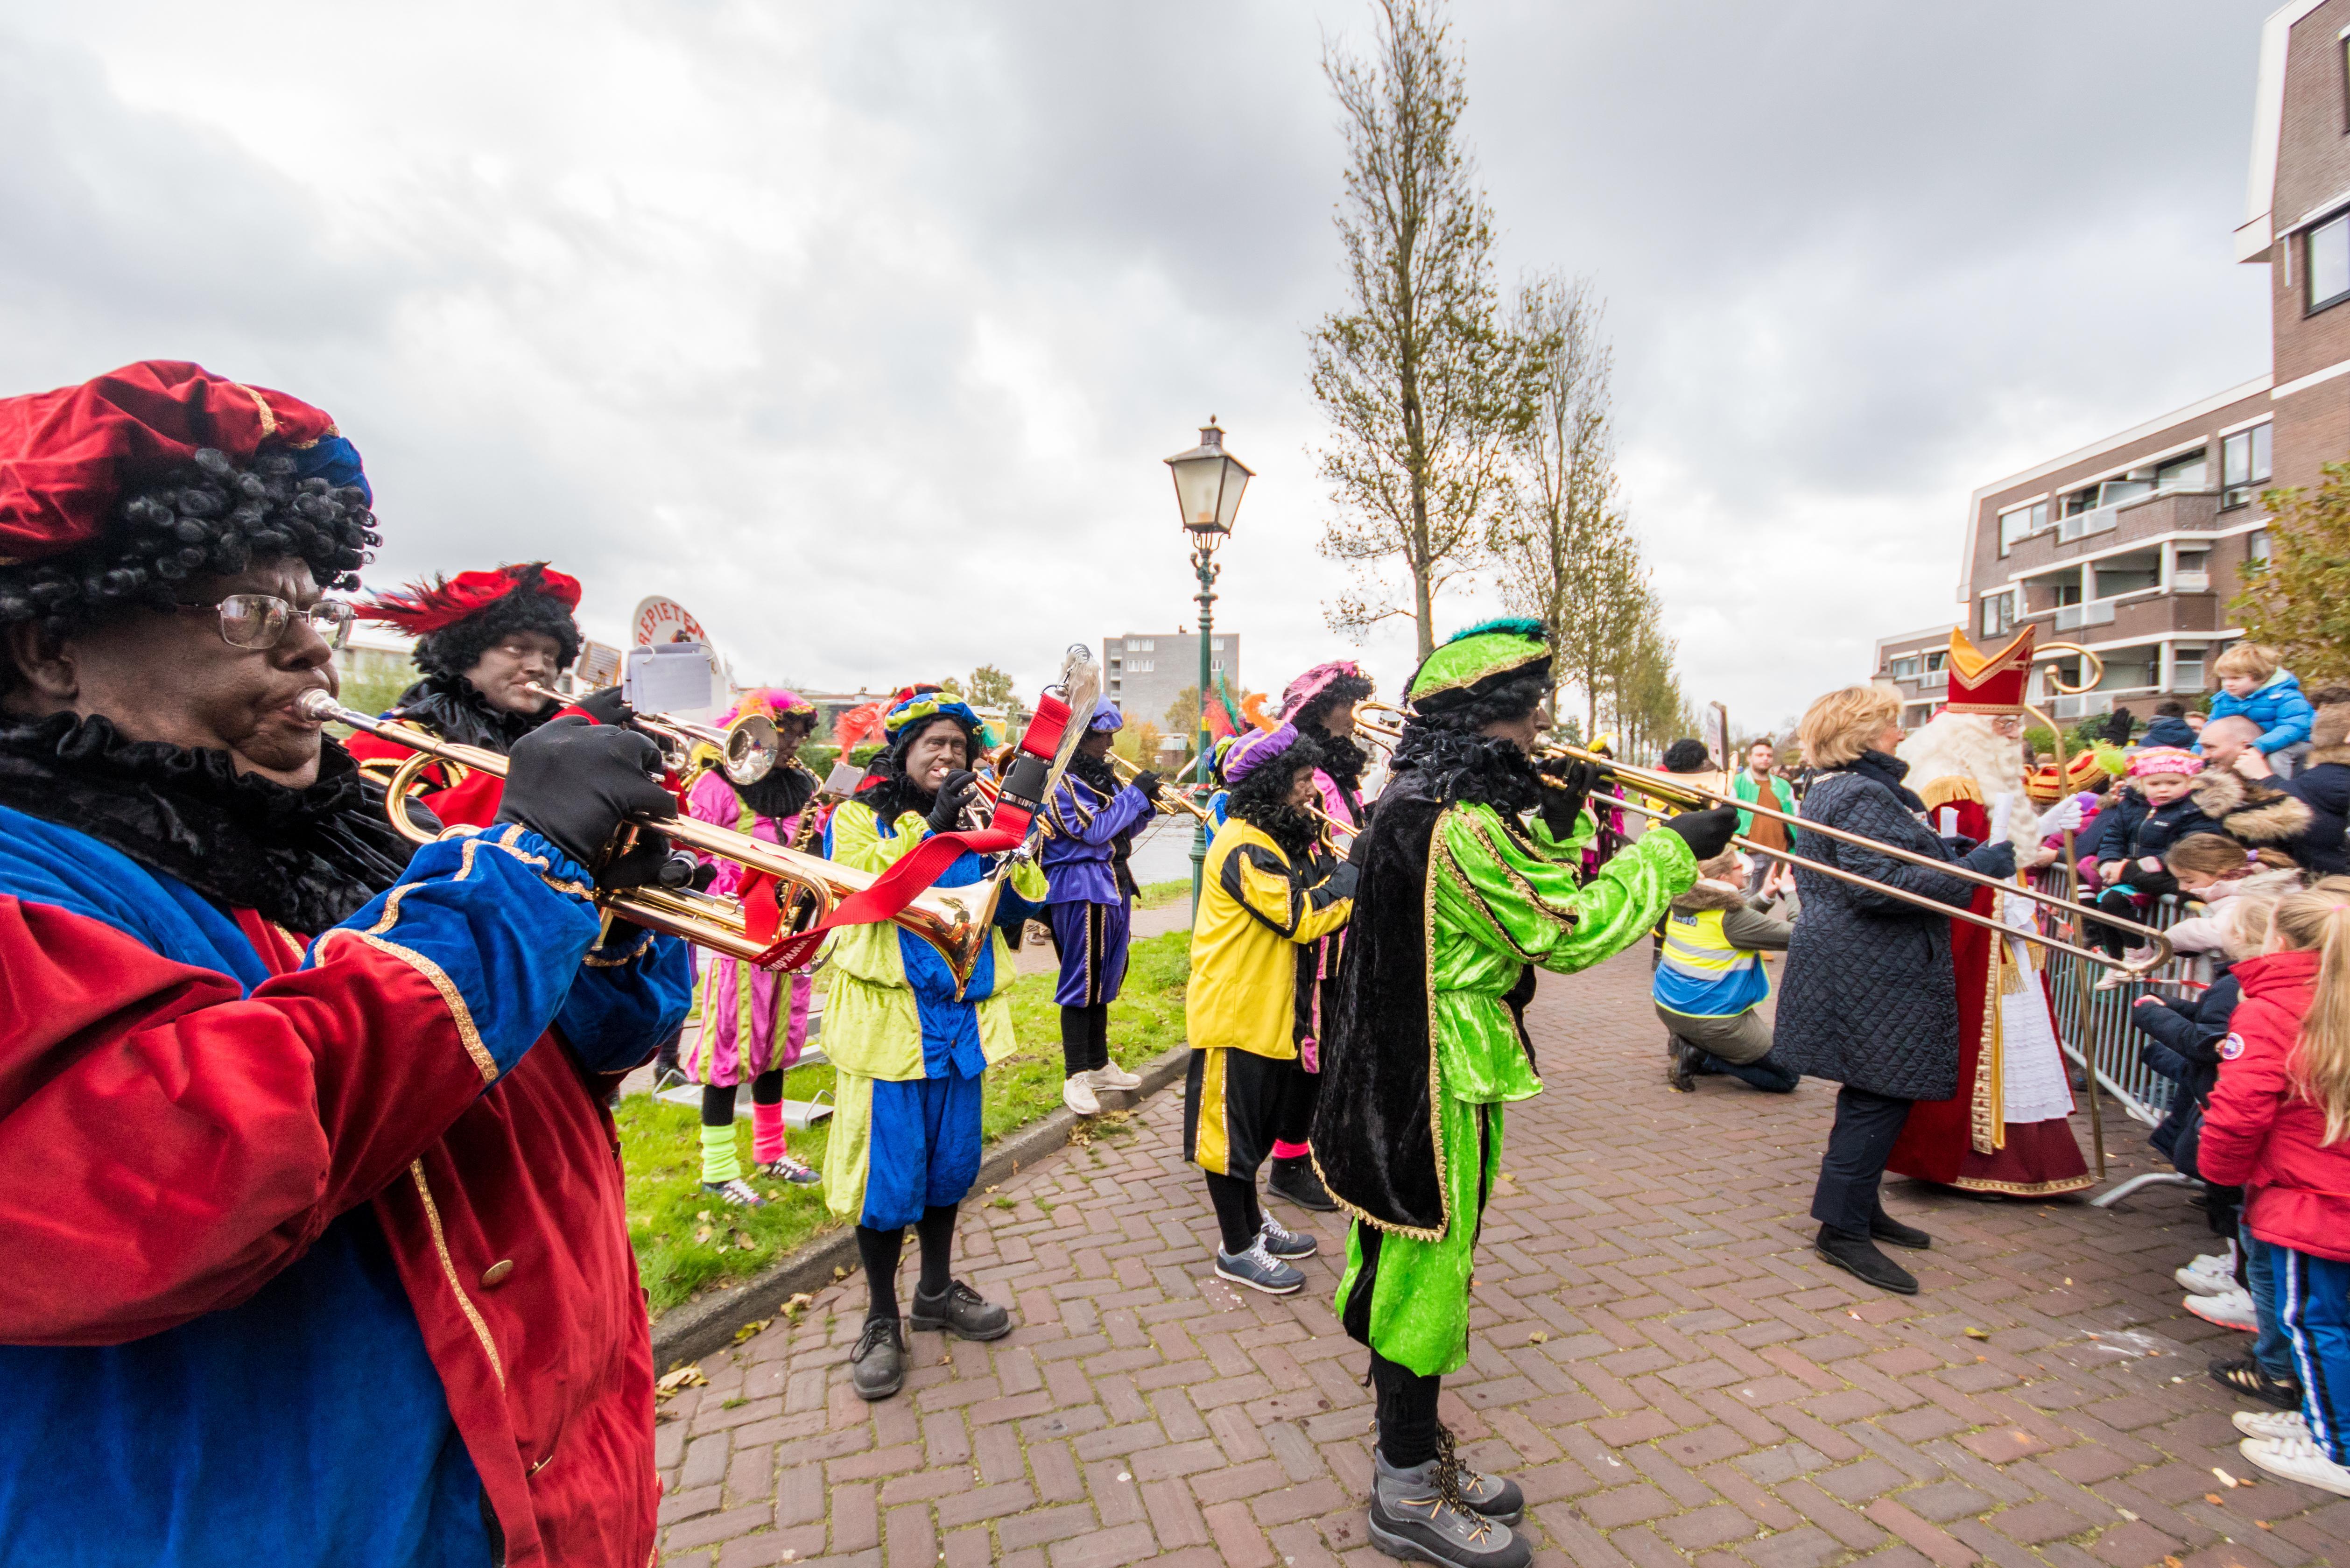 Sint Nicolaas Intocht Leiderdorp neemt met spijt afscheid van Zwarte Piet